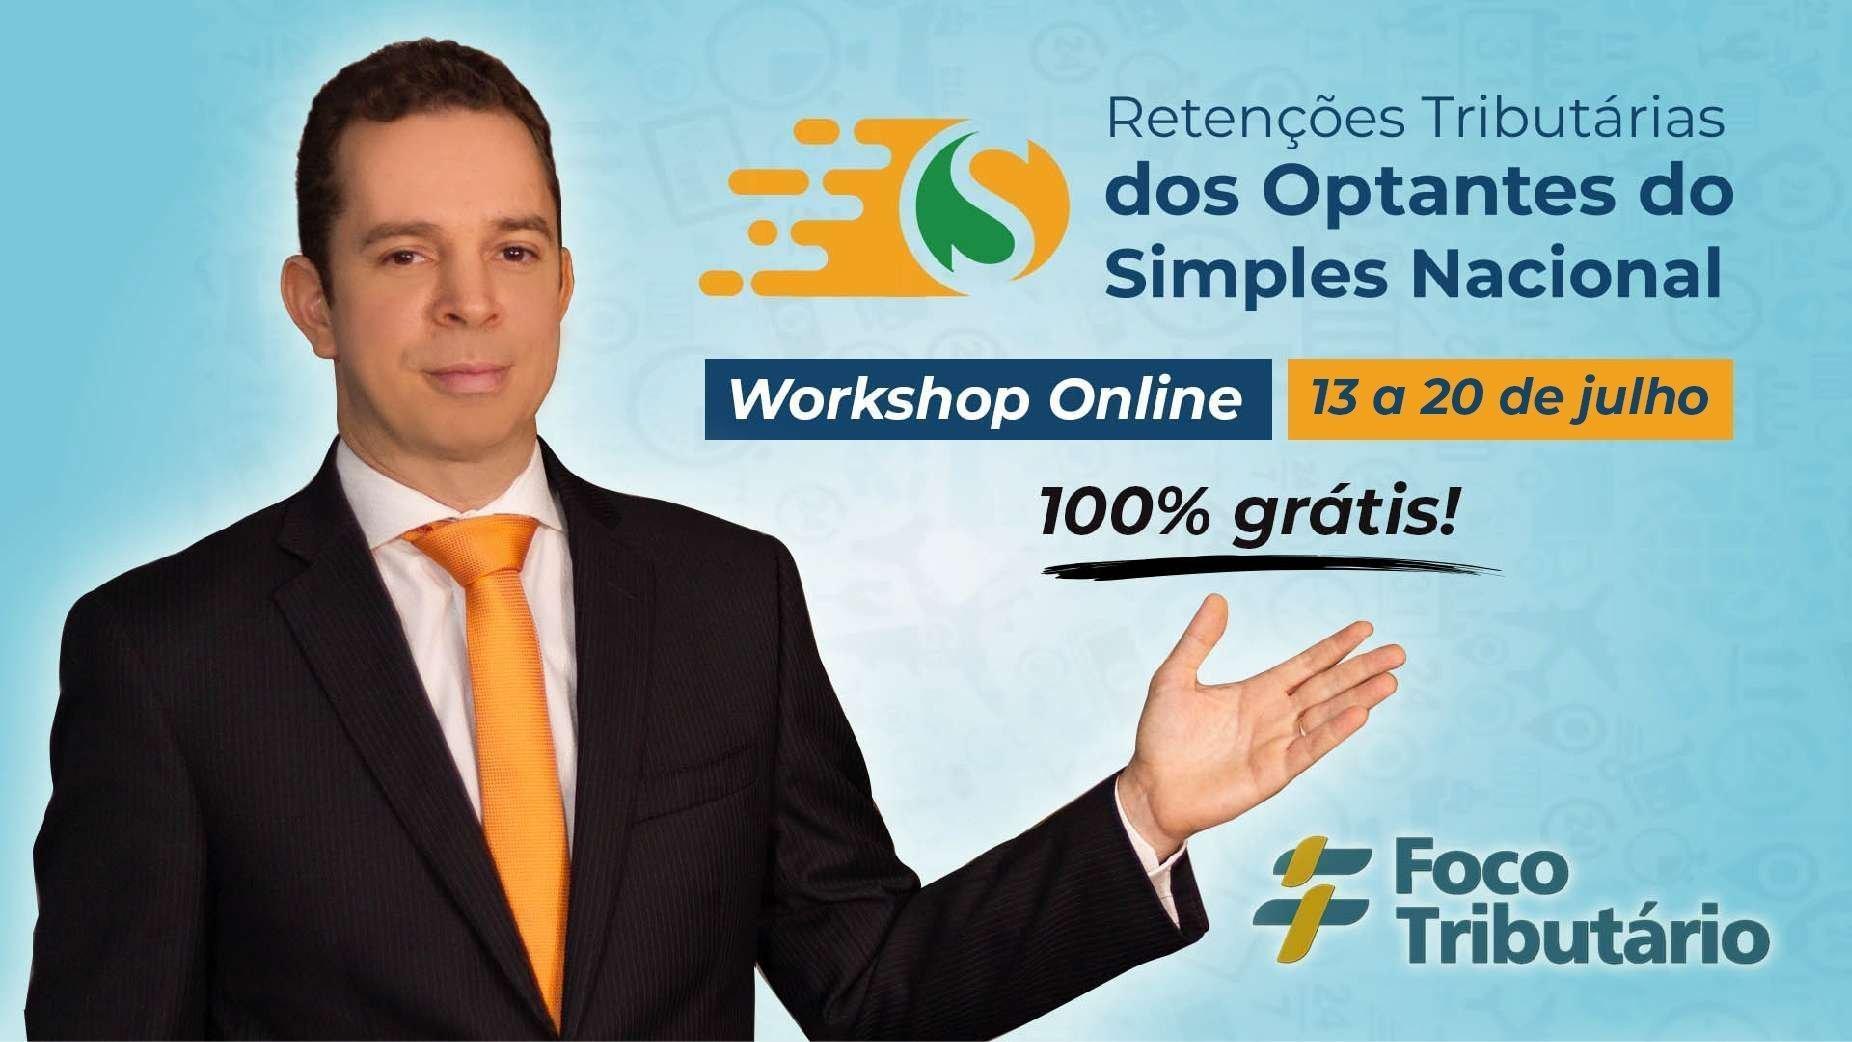 workshop-gratis-e-online-retencoes-tributarias-dos-optantes-do-simples-nacional-participe